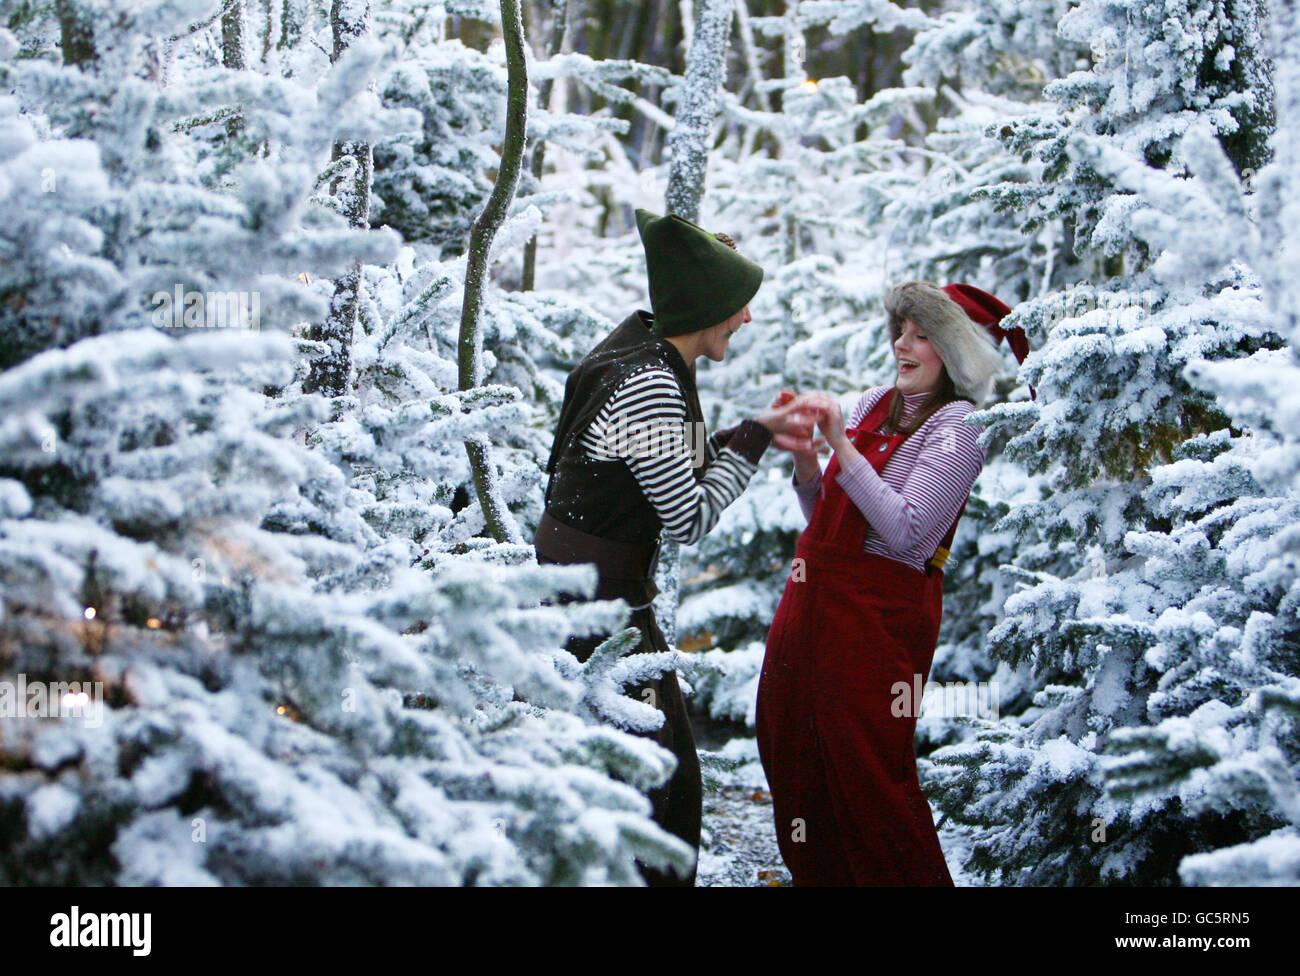 Lapland UK - Stock Image